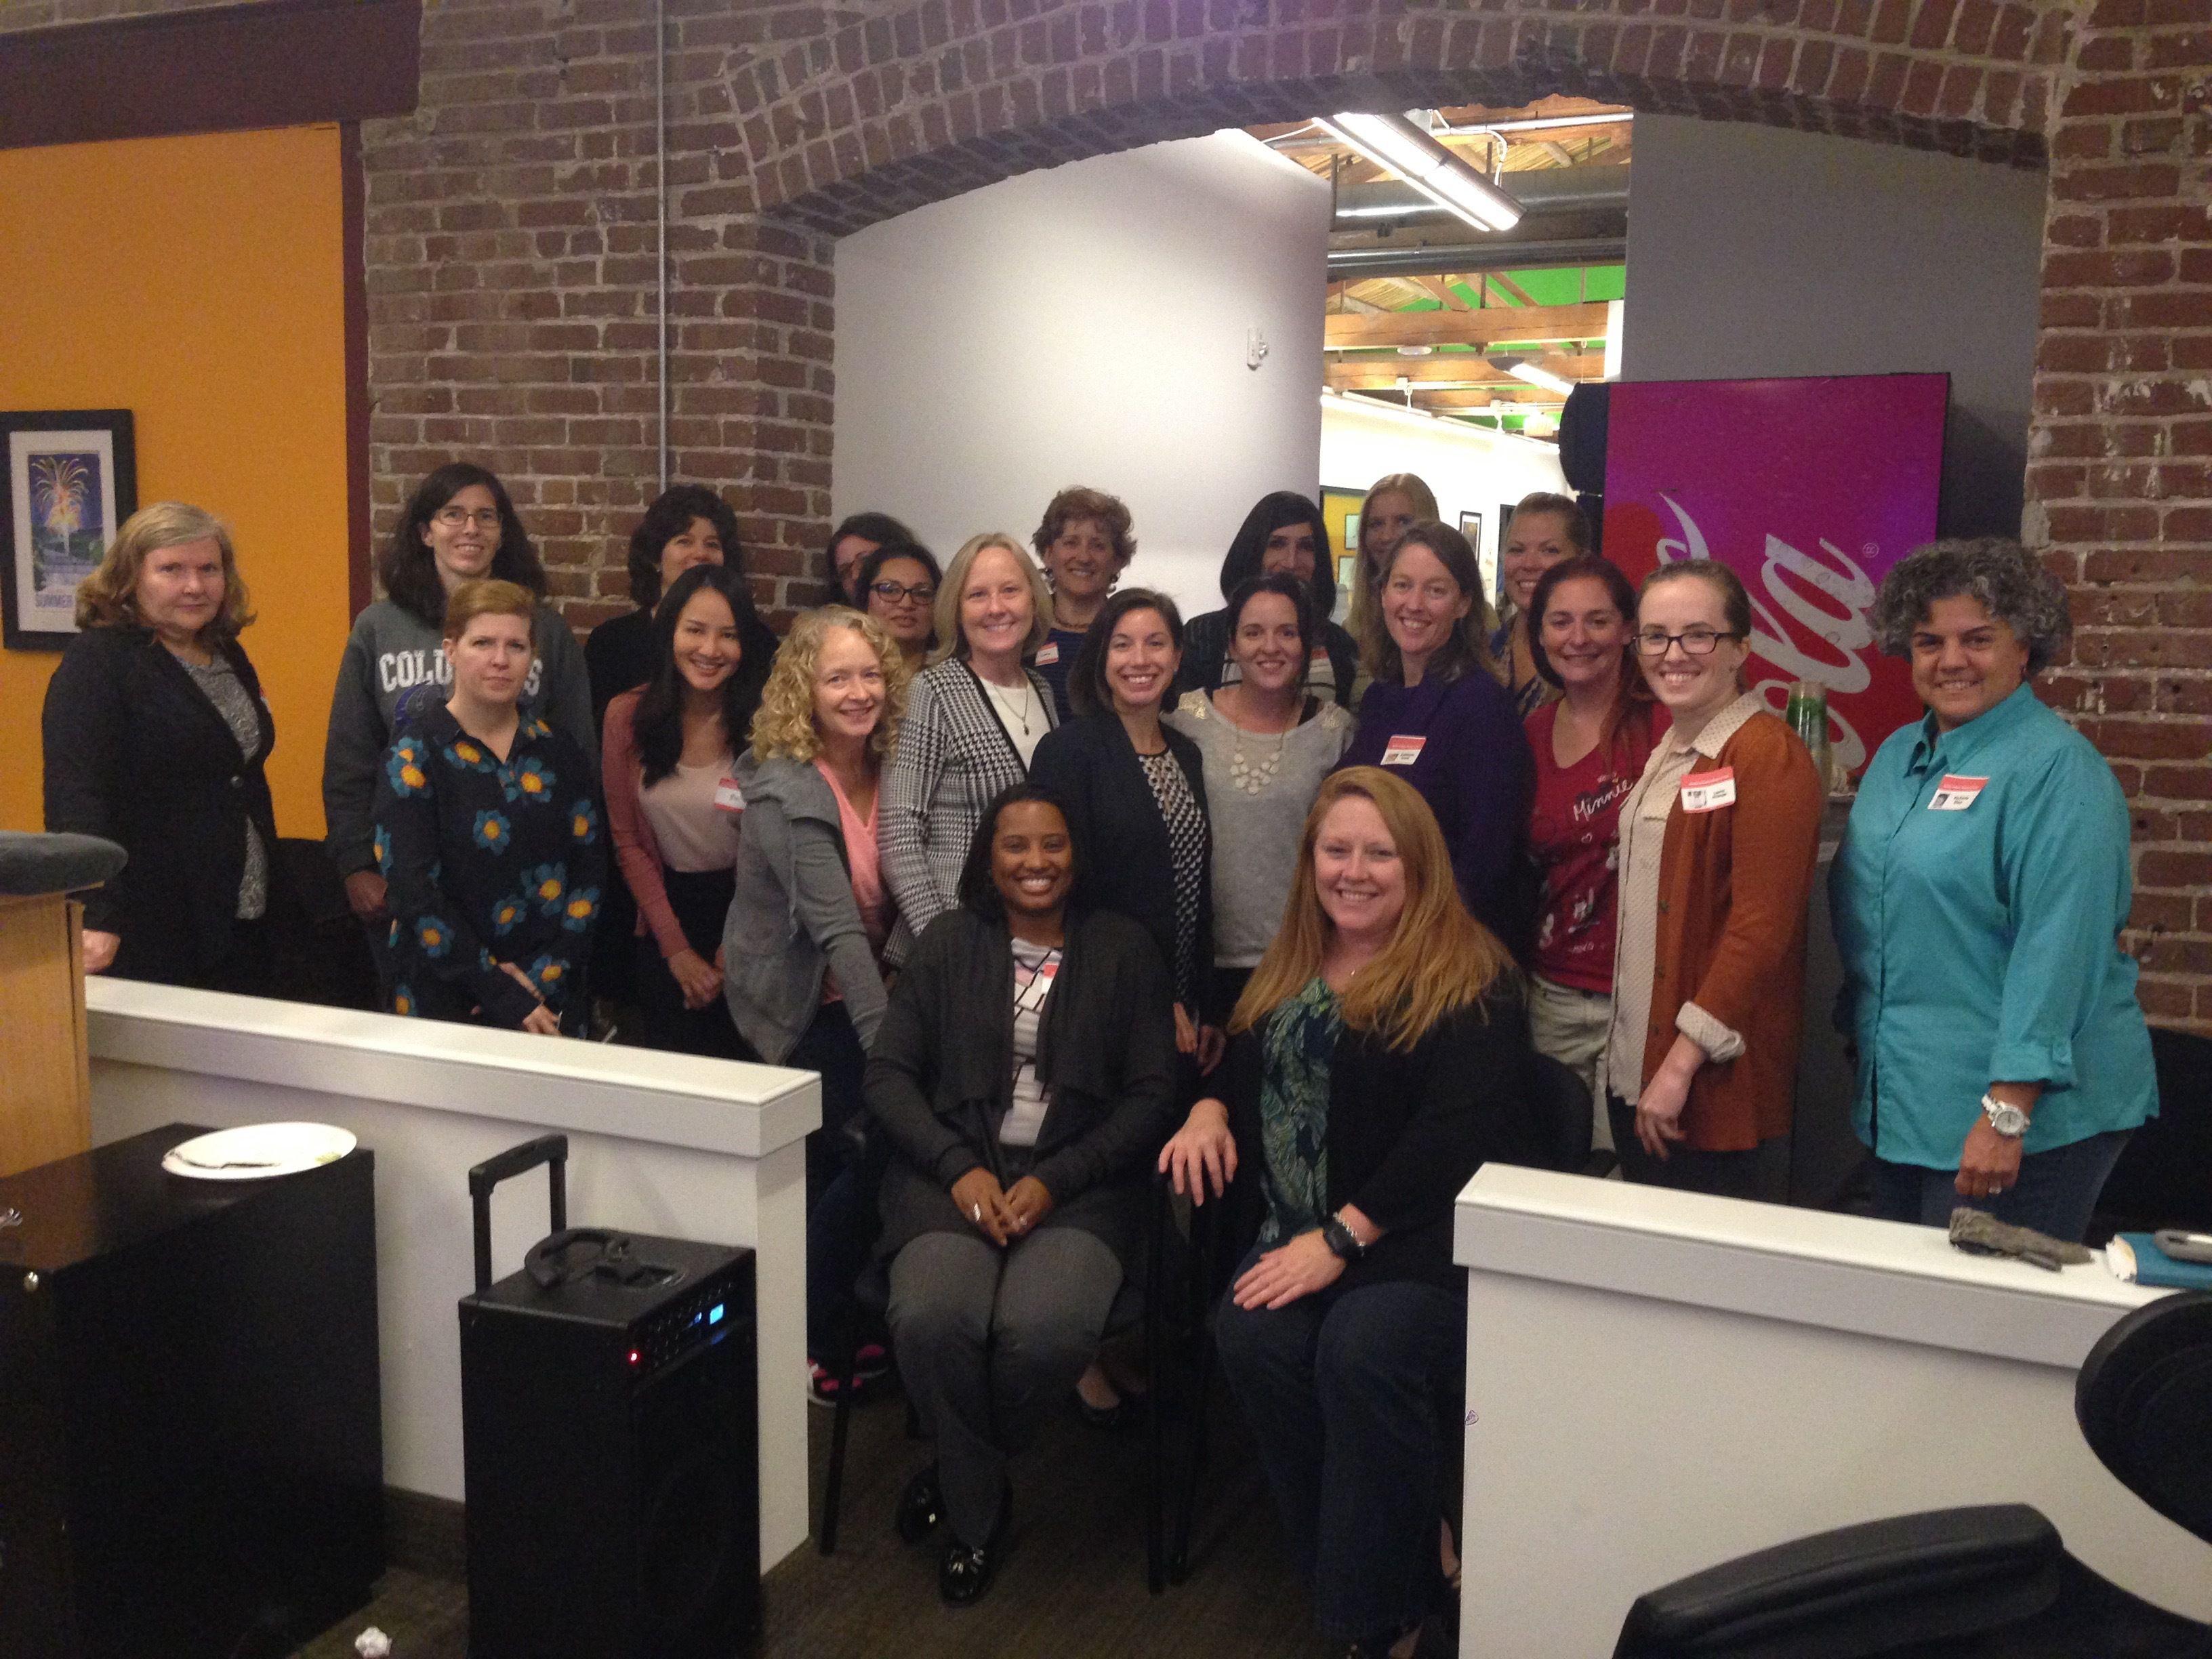 Bucks County Women in Tech